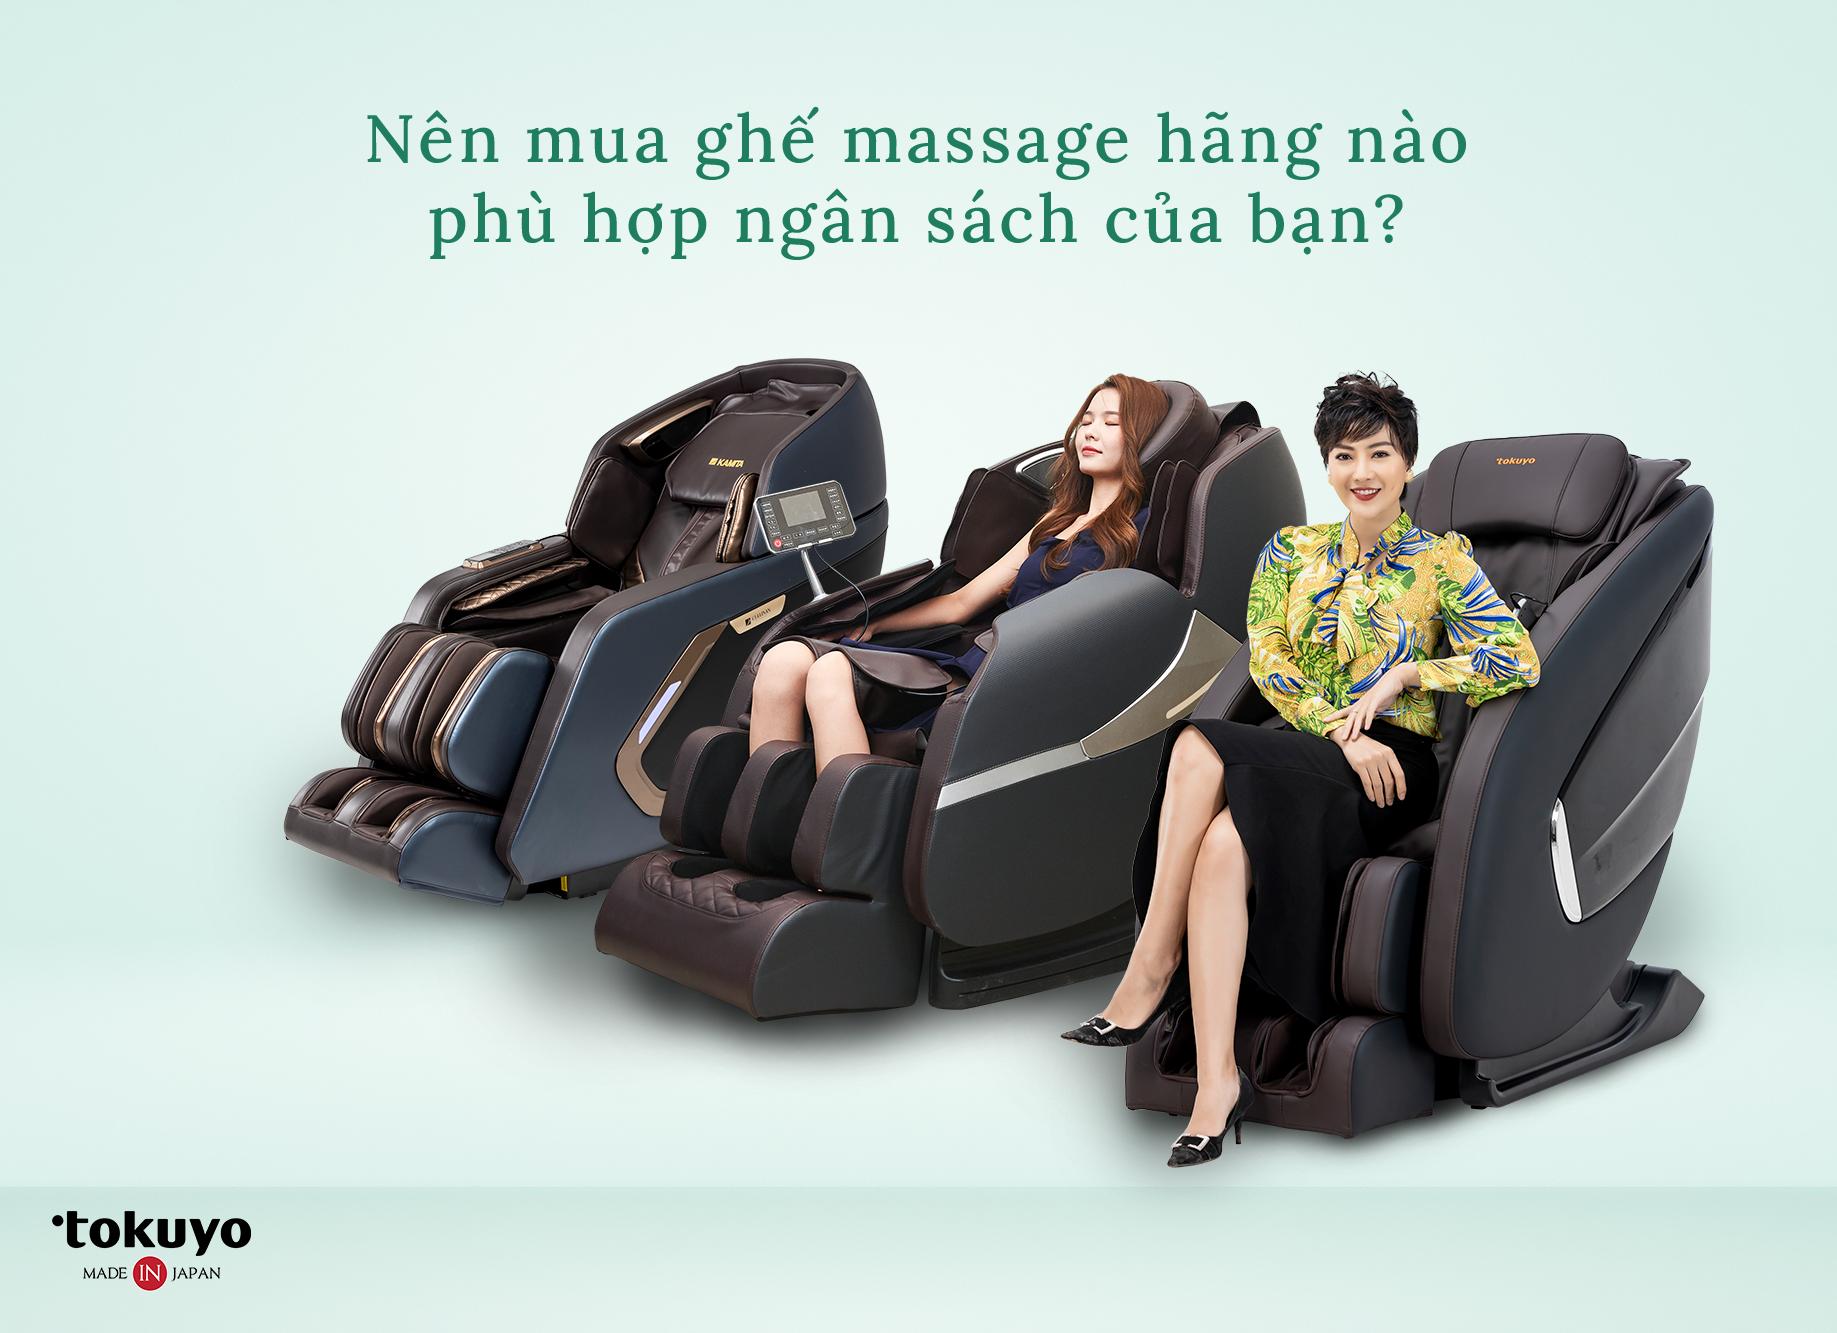 Nên mua ghế massage hãng nào uy tín 2021?